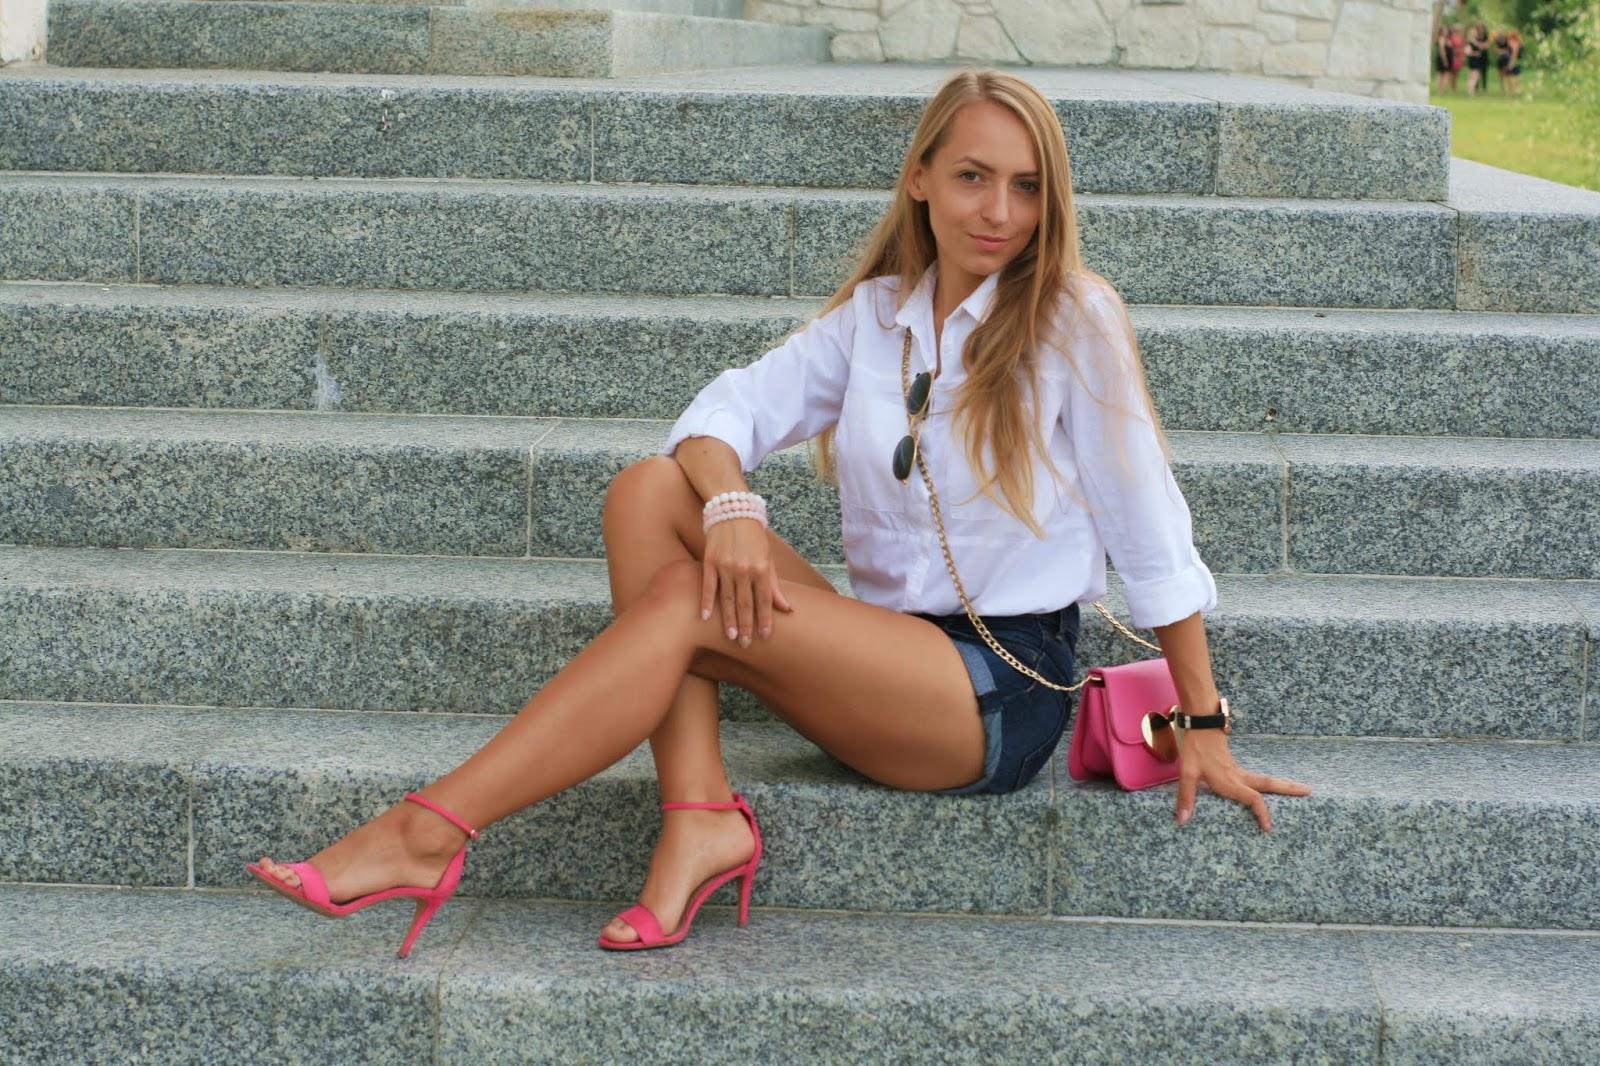 Simple white shirt and pink accessories | Prosta biała koszula i różowe dodatki